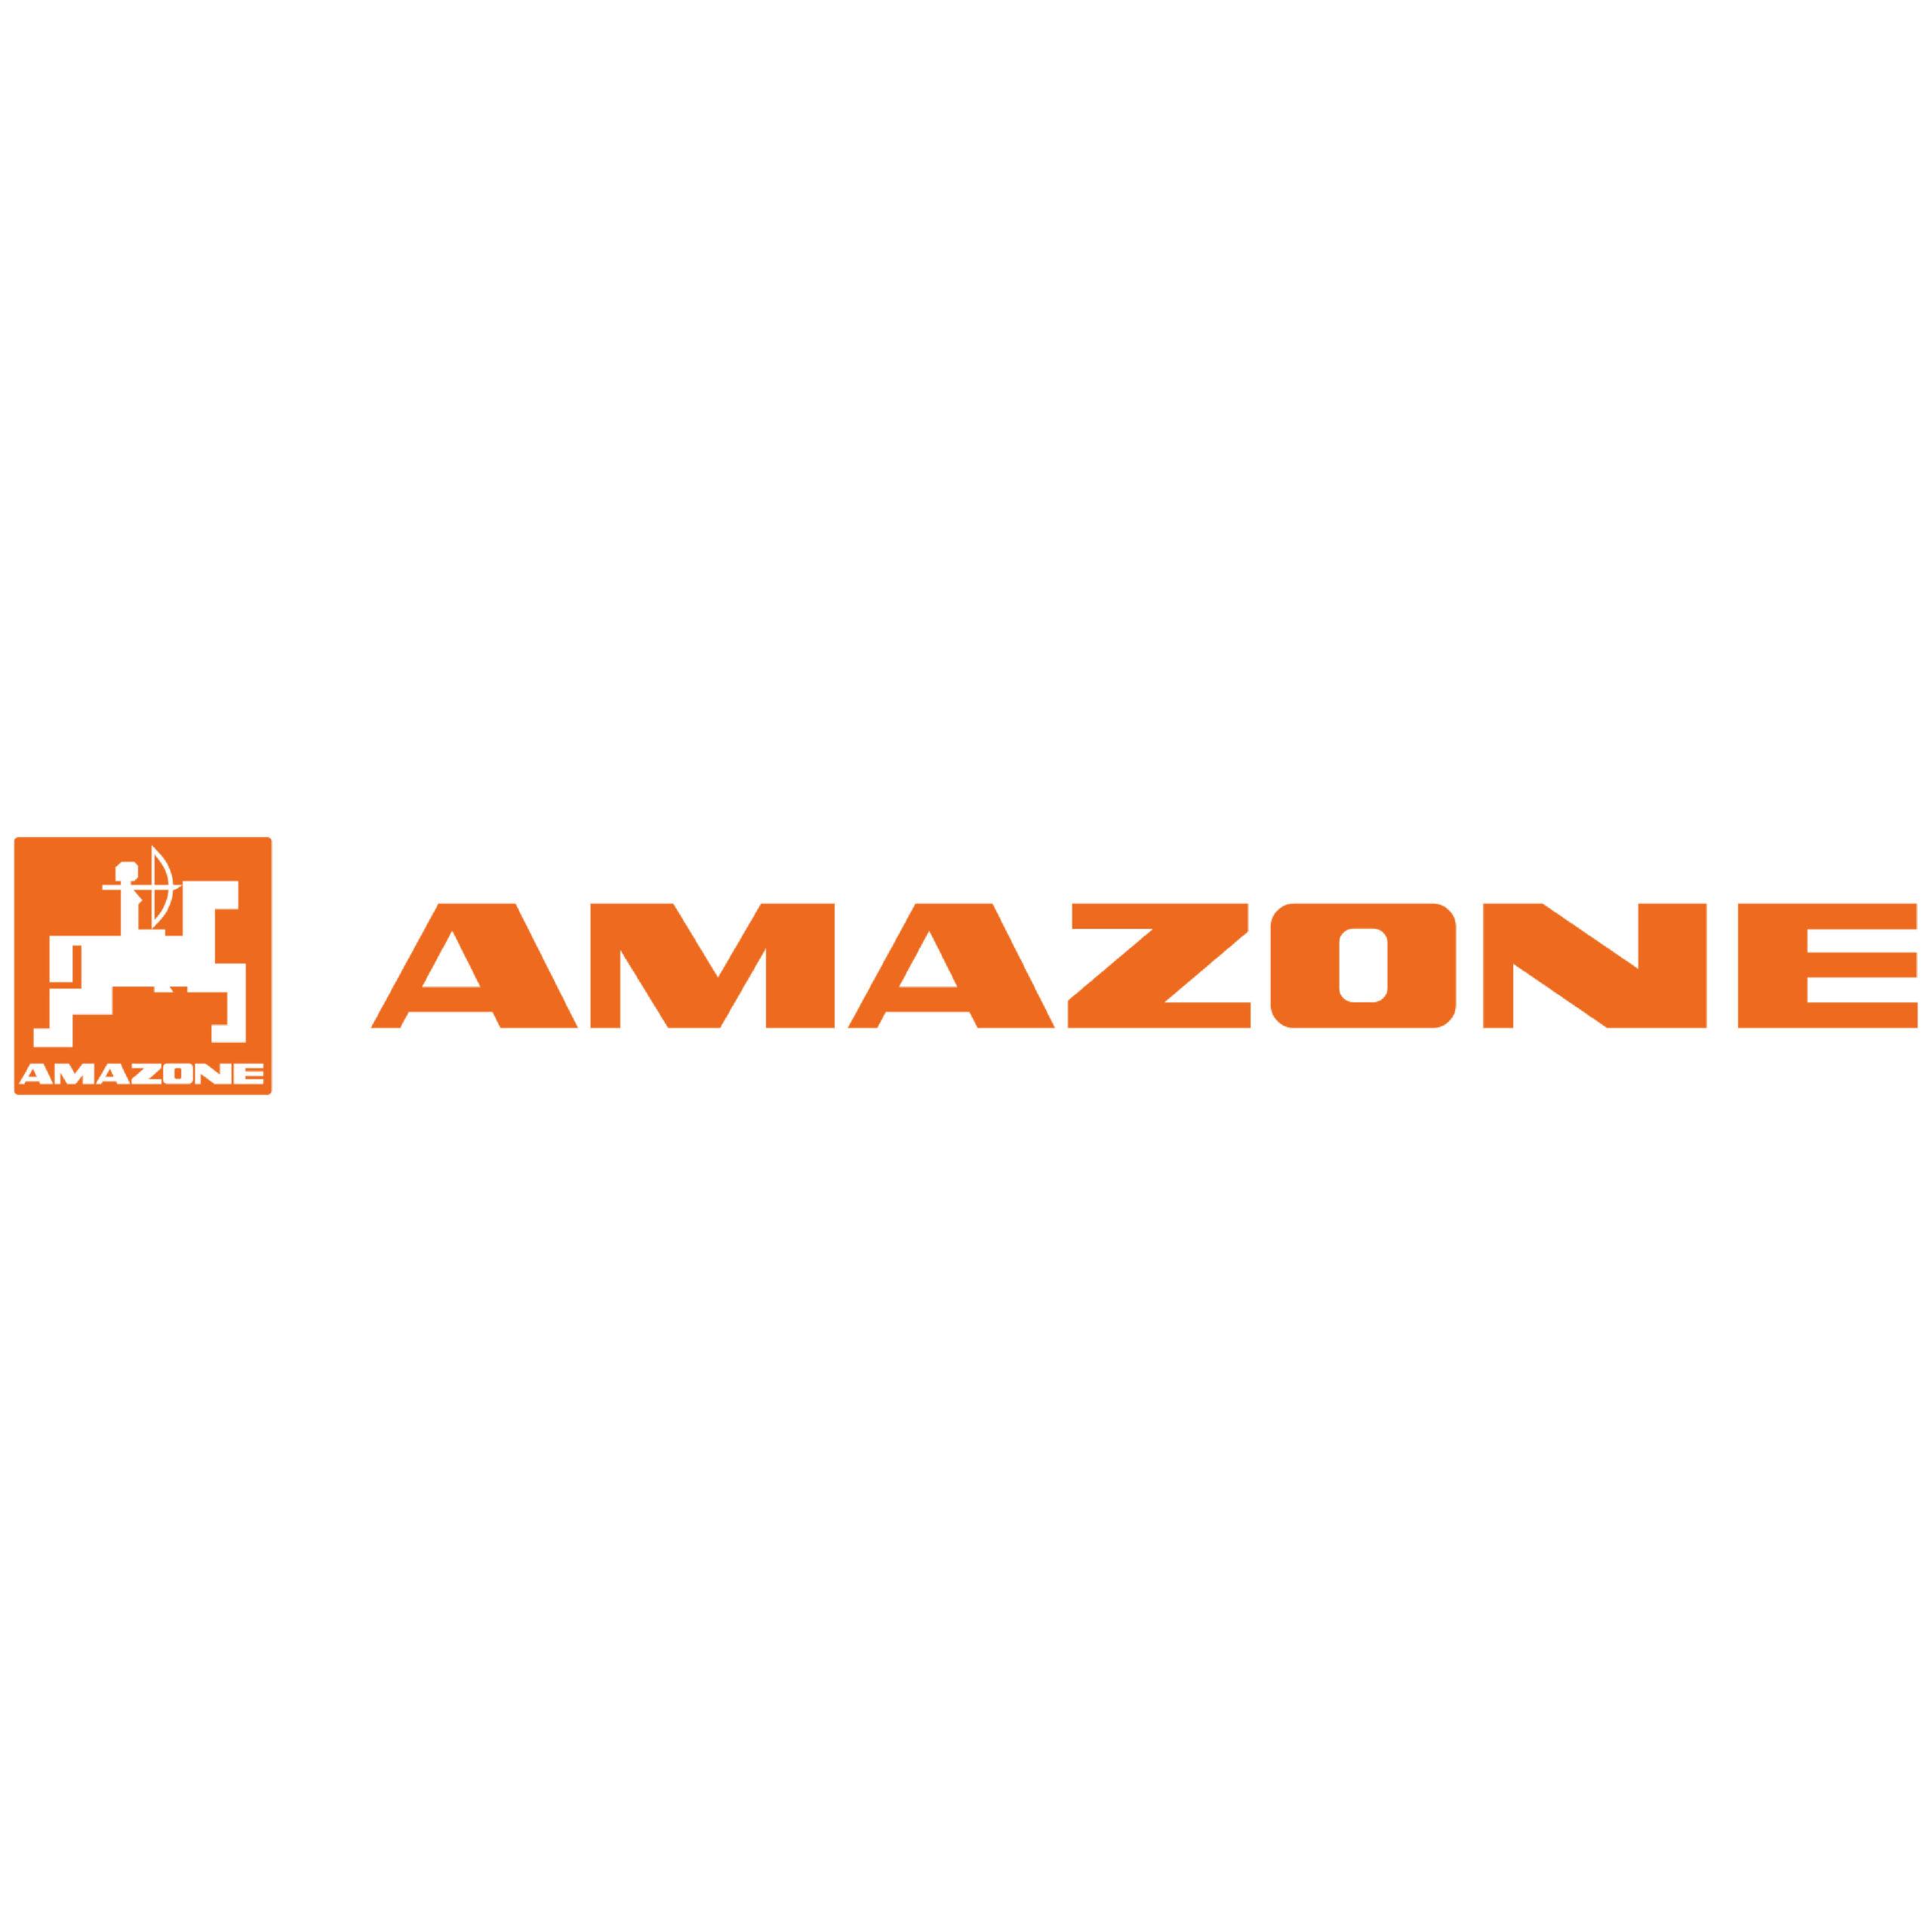 amazone-web